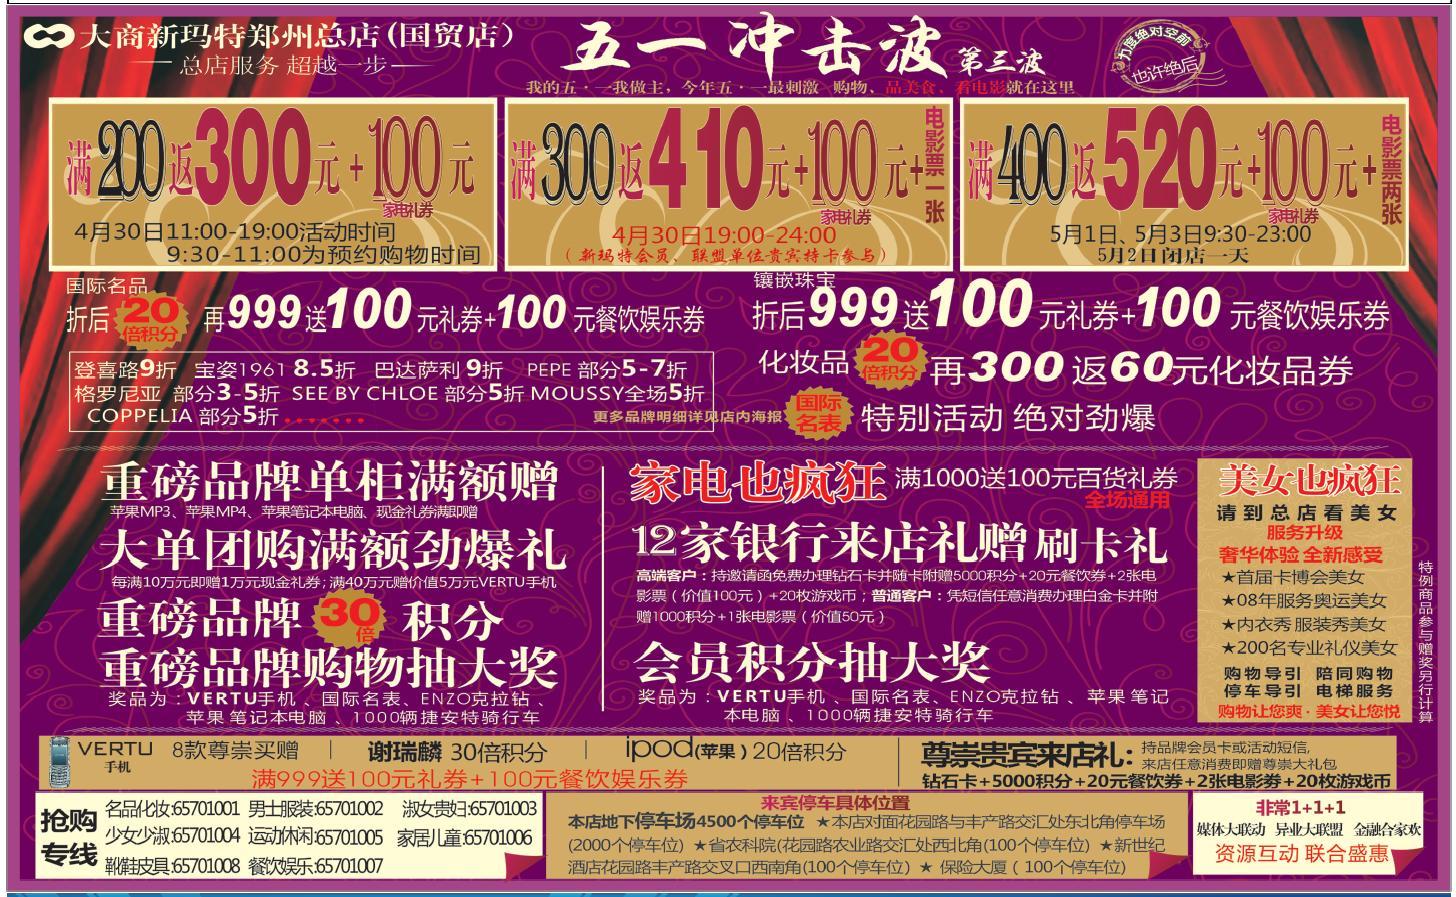 大商新玛特郑州国贸店系列广告 4月30更新 ,猜猜下面的广告